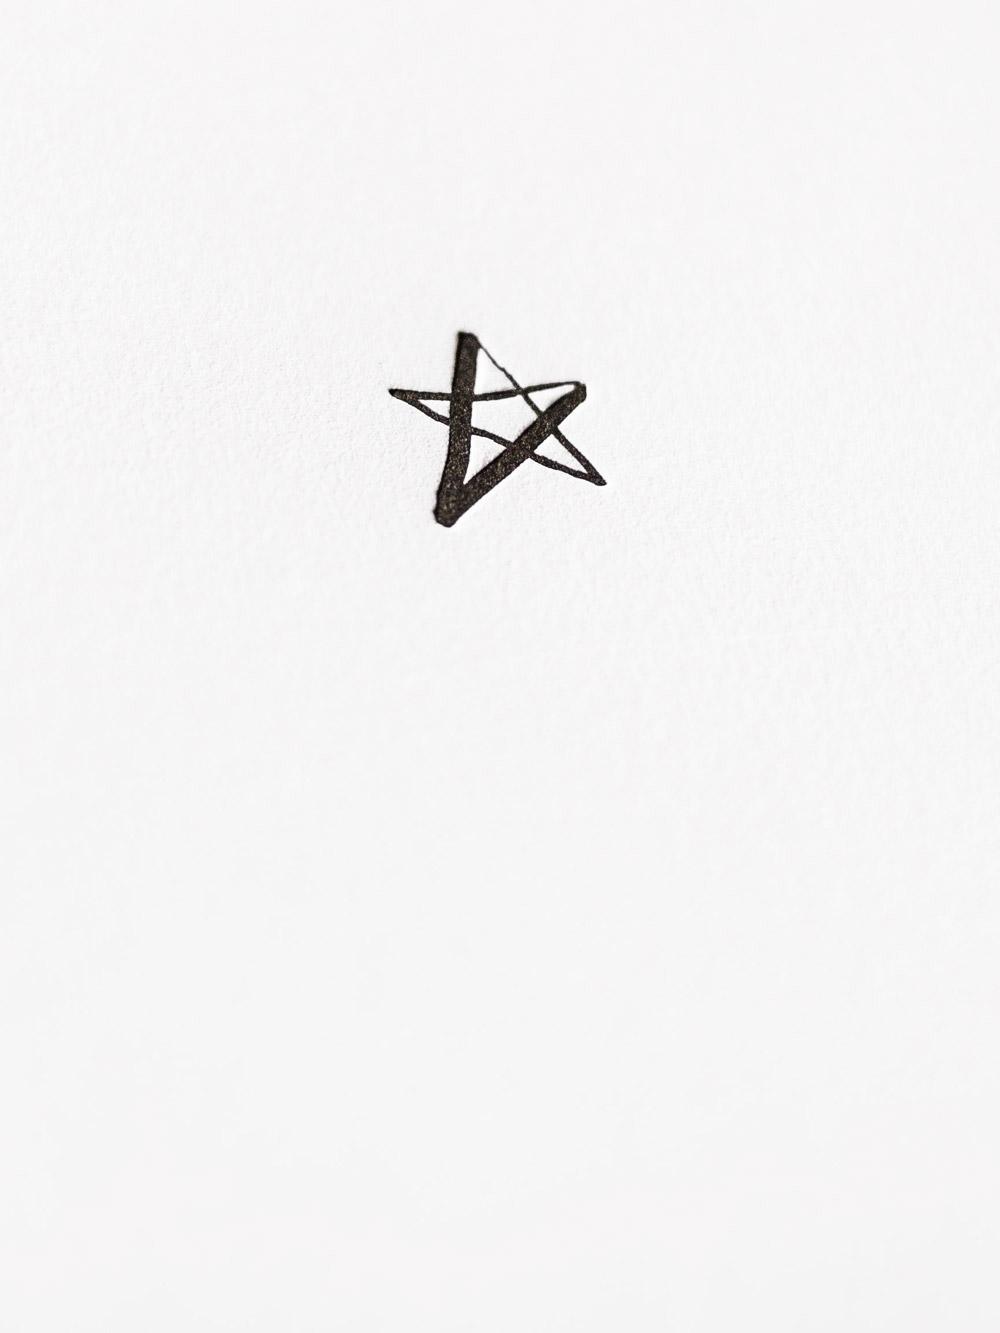 fp038-icon-star-a.jpg